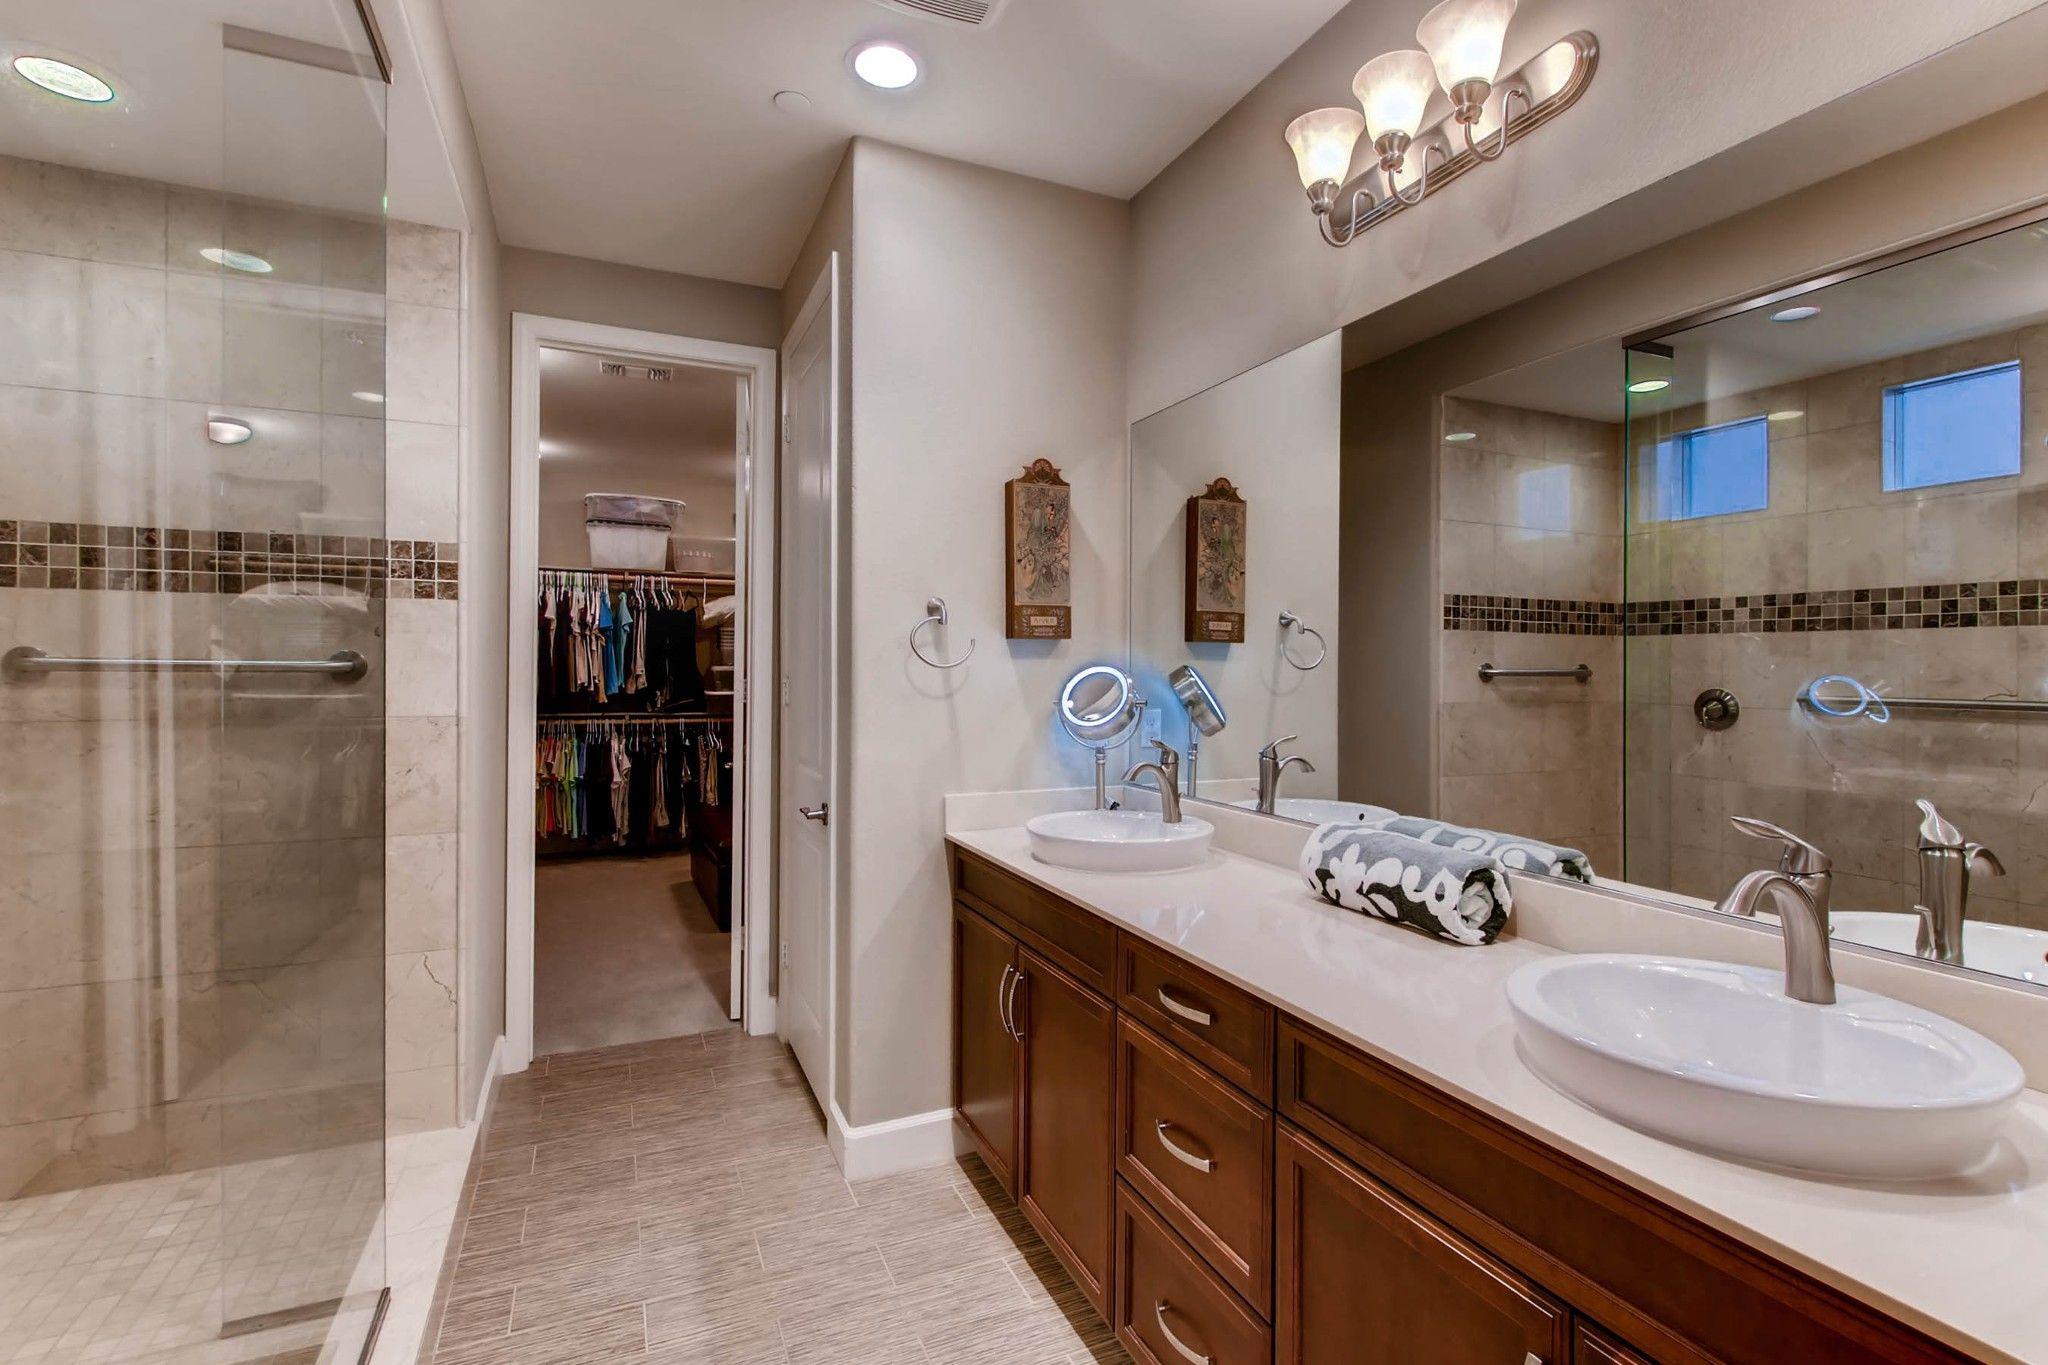 Photo 16: Photos: Residential for sale : 5 bedrooms : 443 Machado Way in Vista